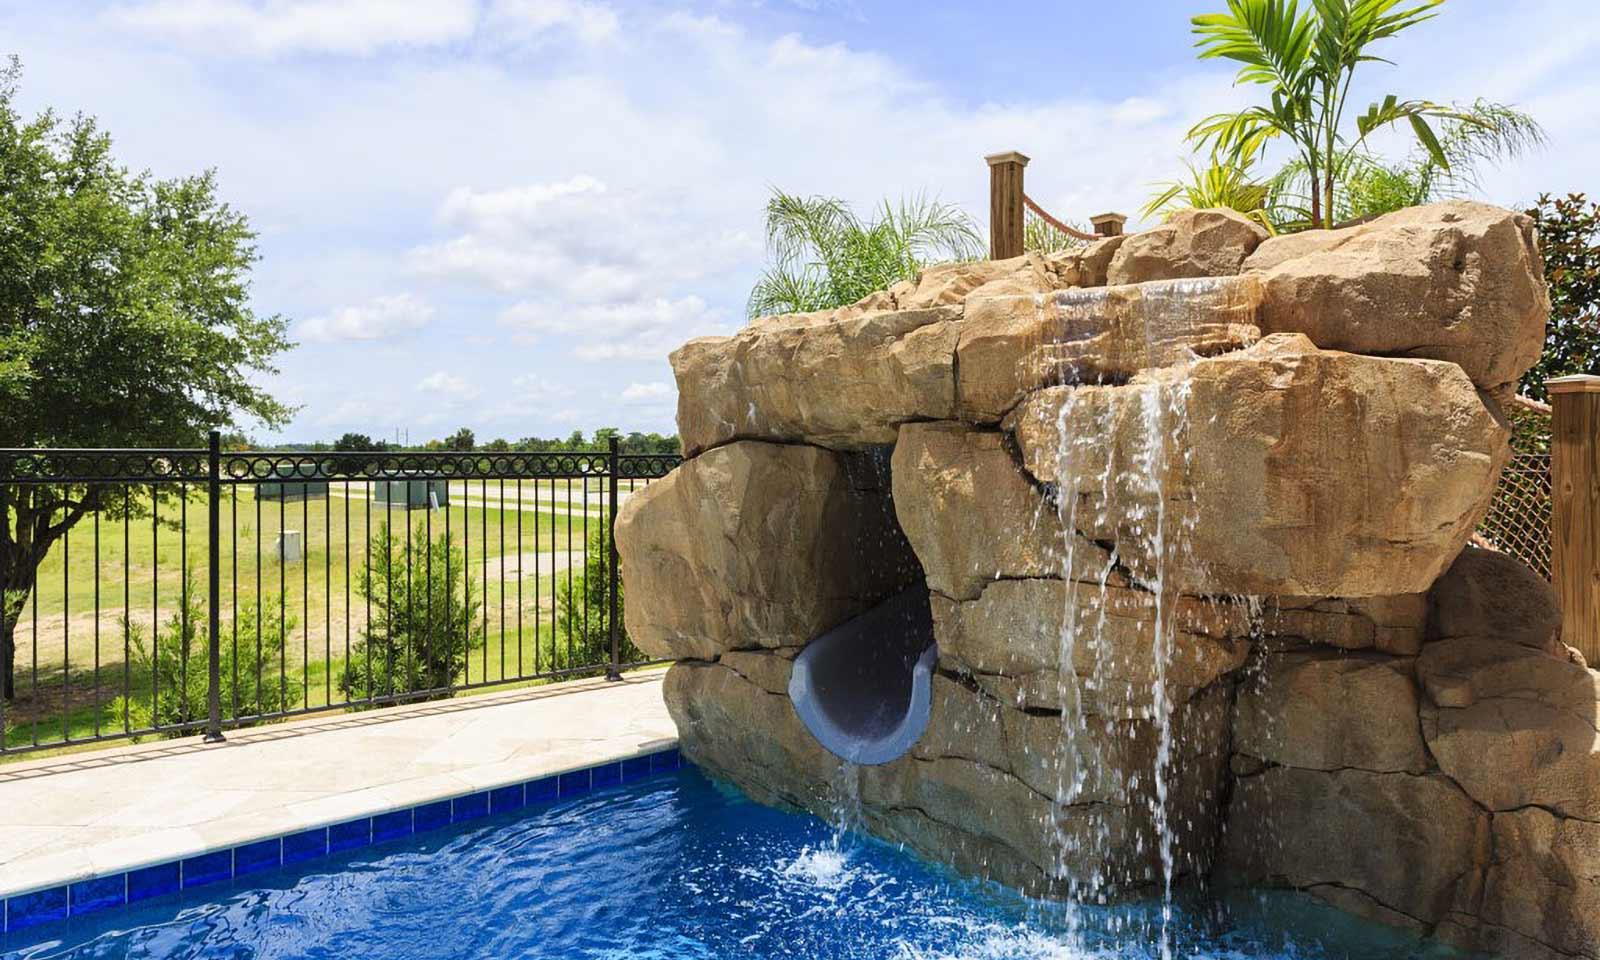 [amenities:Pool-Slide:1] Pool Slide